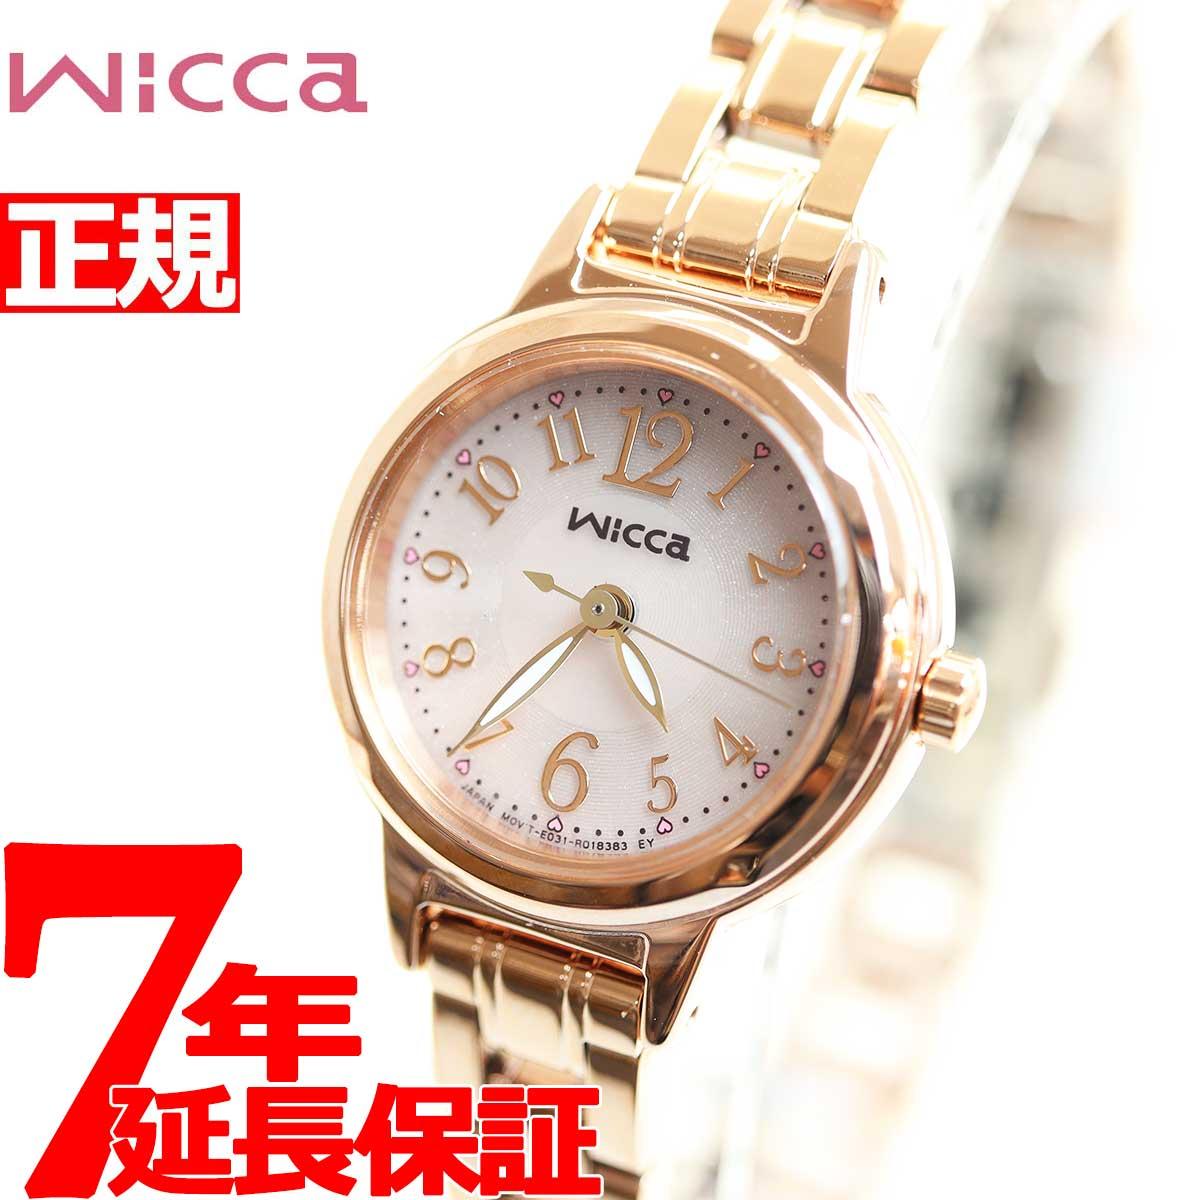 シチズン ウィッカ CITIZEN wicca ソーラー エコドライブ 腕時計 レディース KH9-965-91